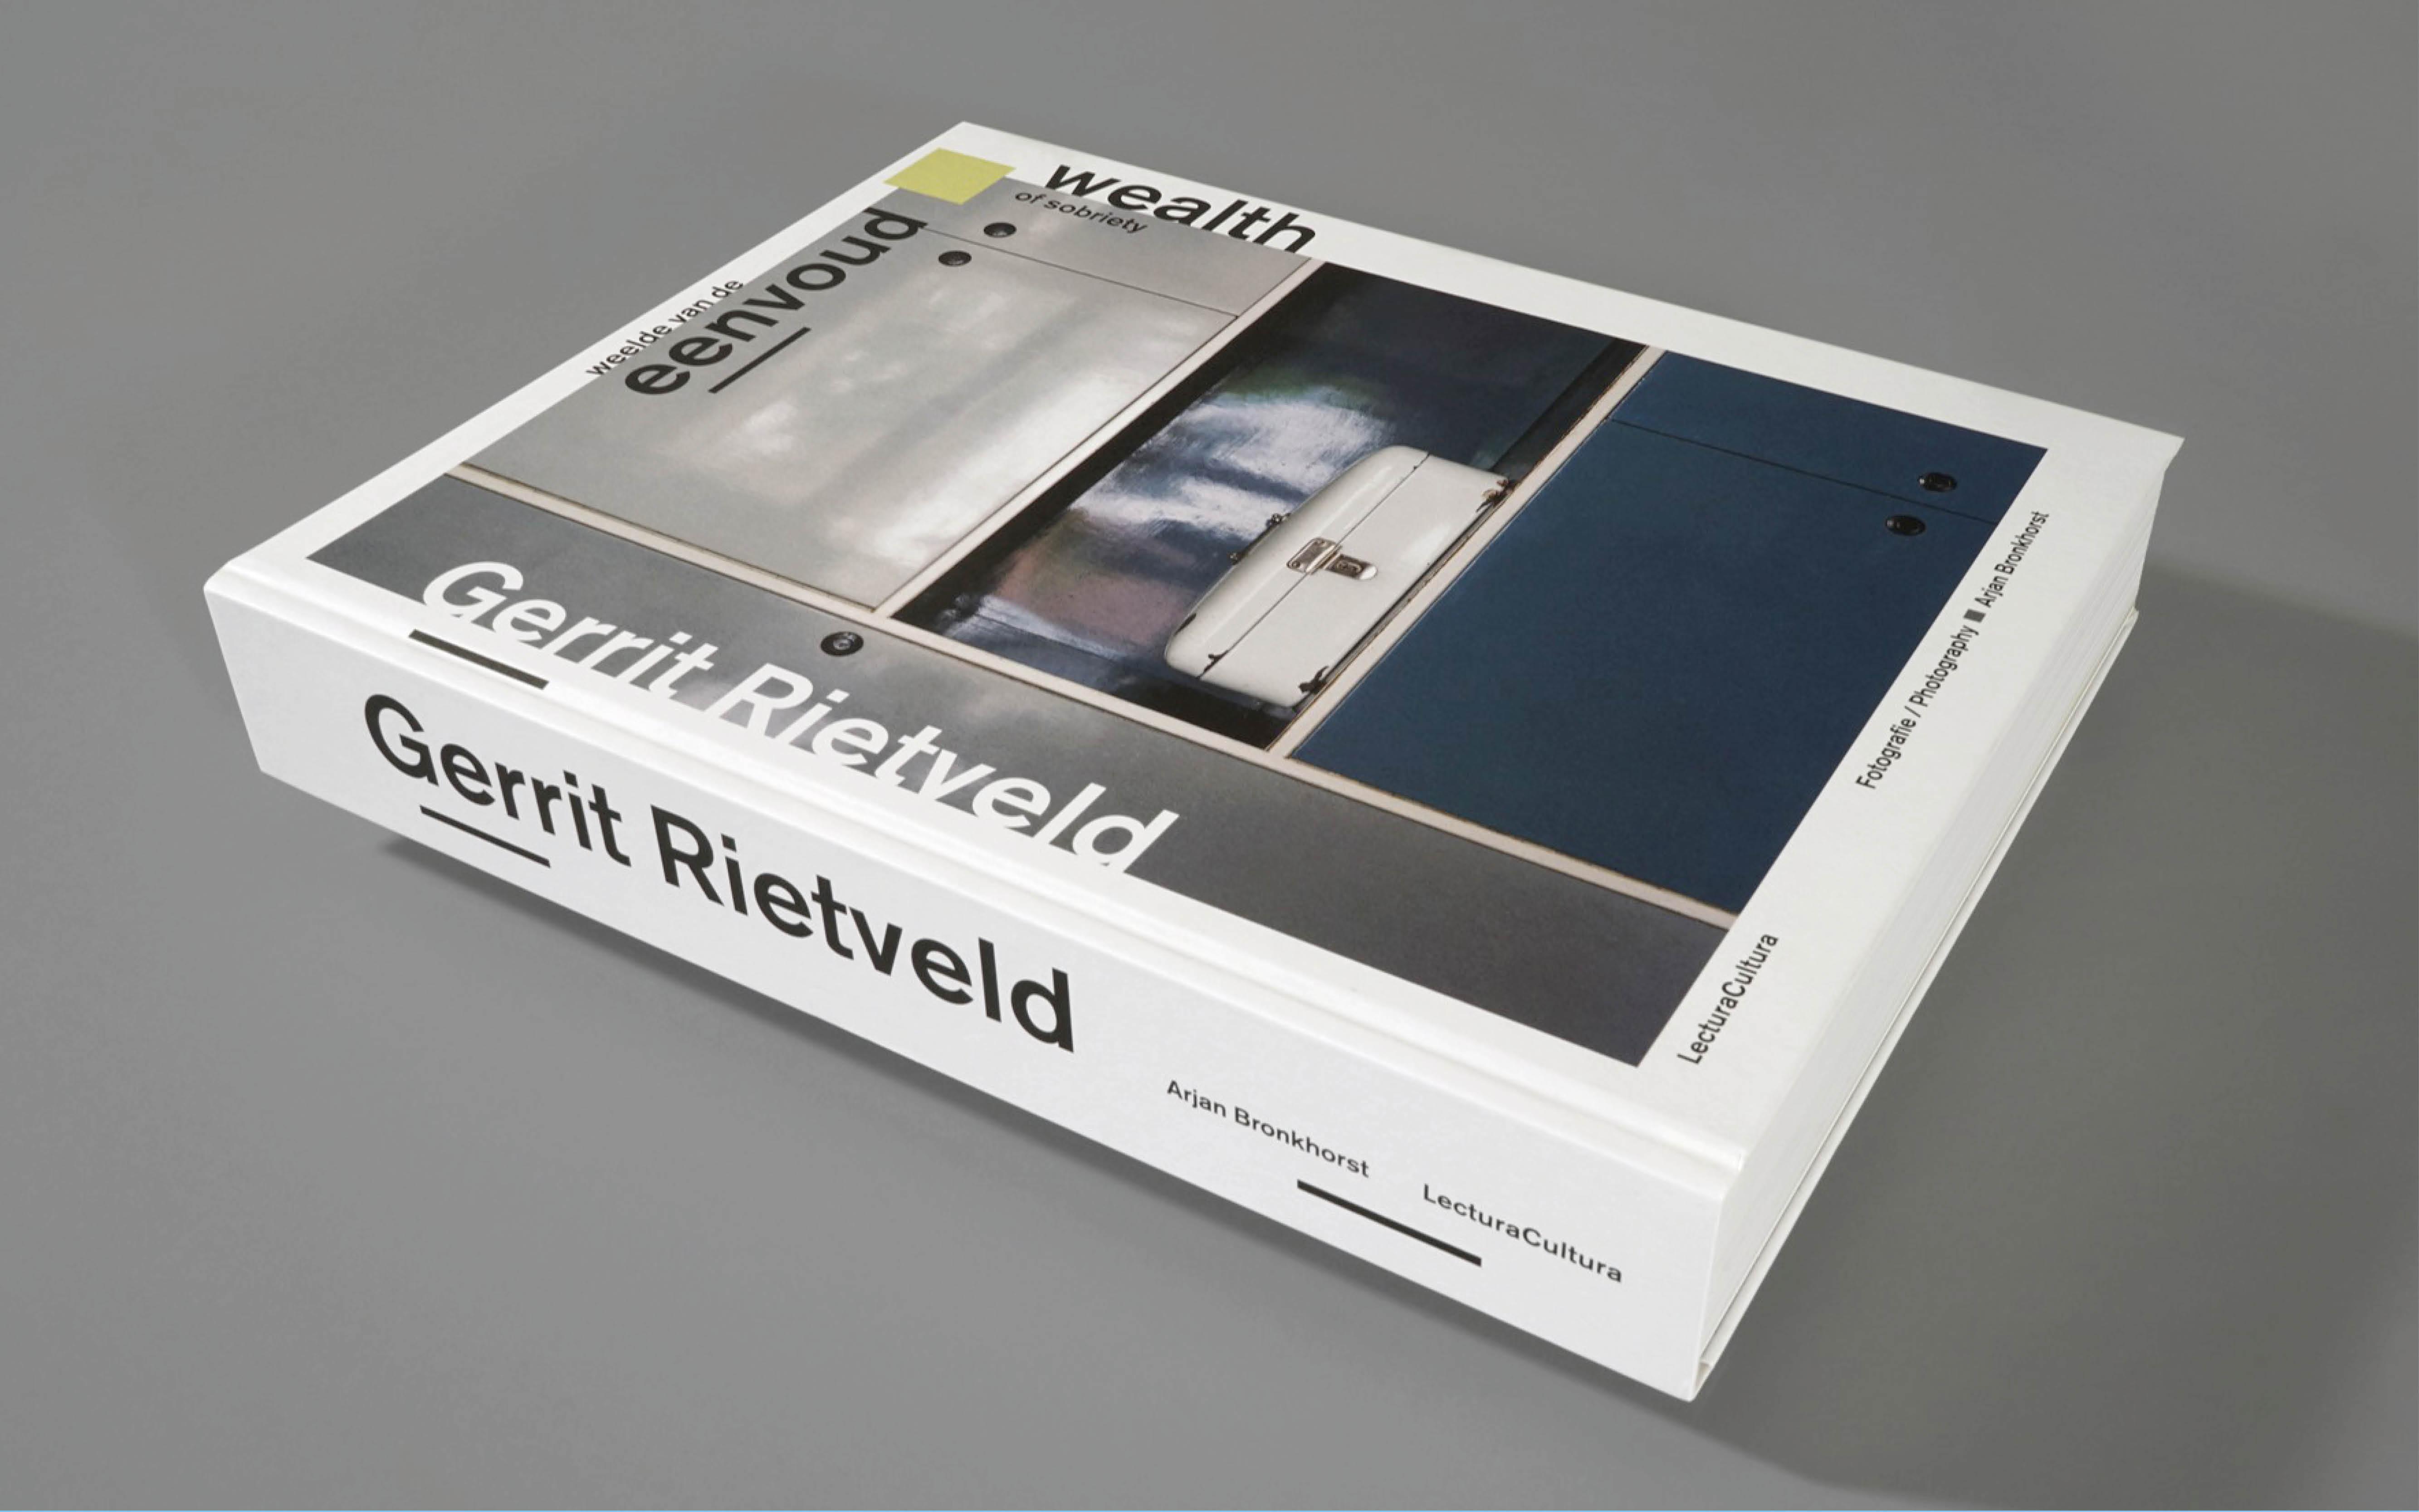 Voorkant van het boek Gerrit Rietveld, ontwerp door Beukers Scholma. De Monsterkamer interview